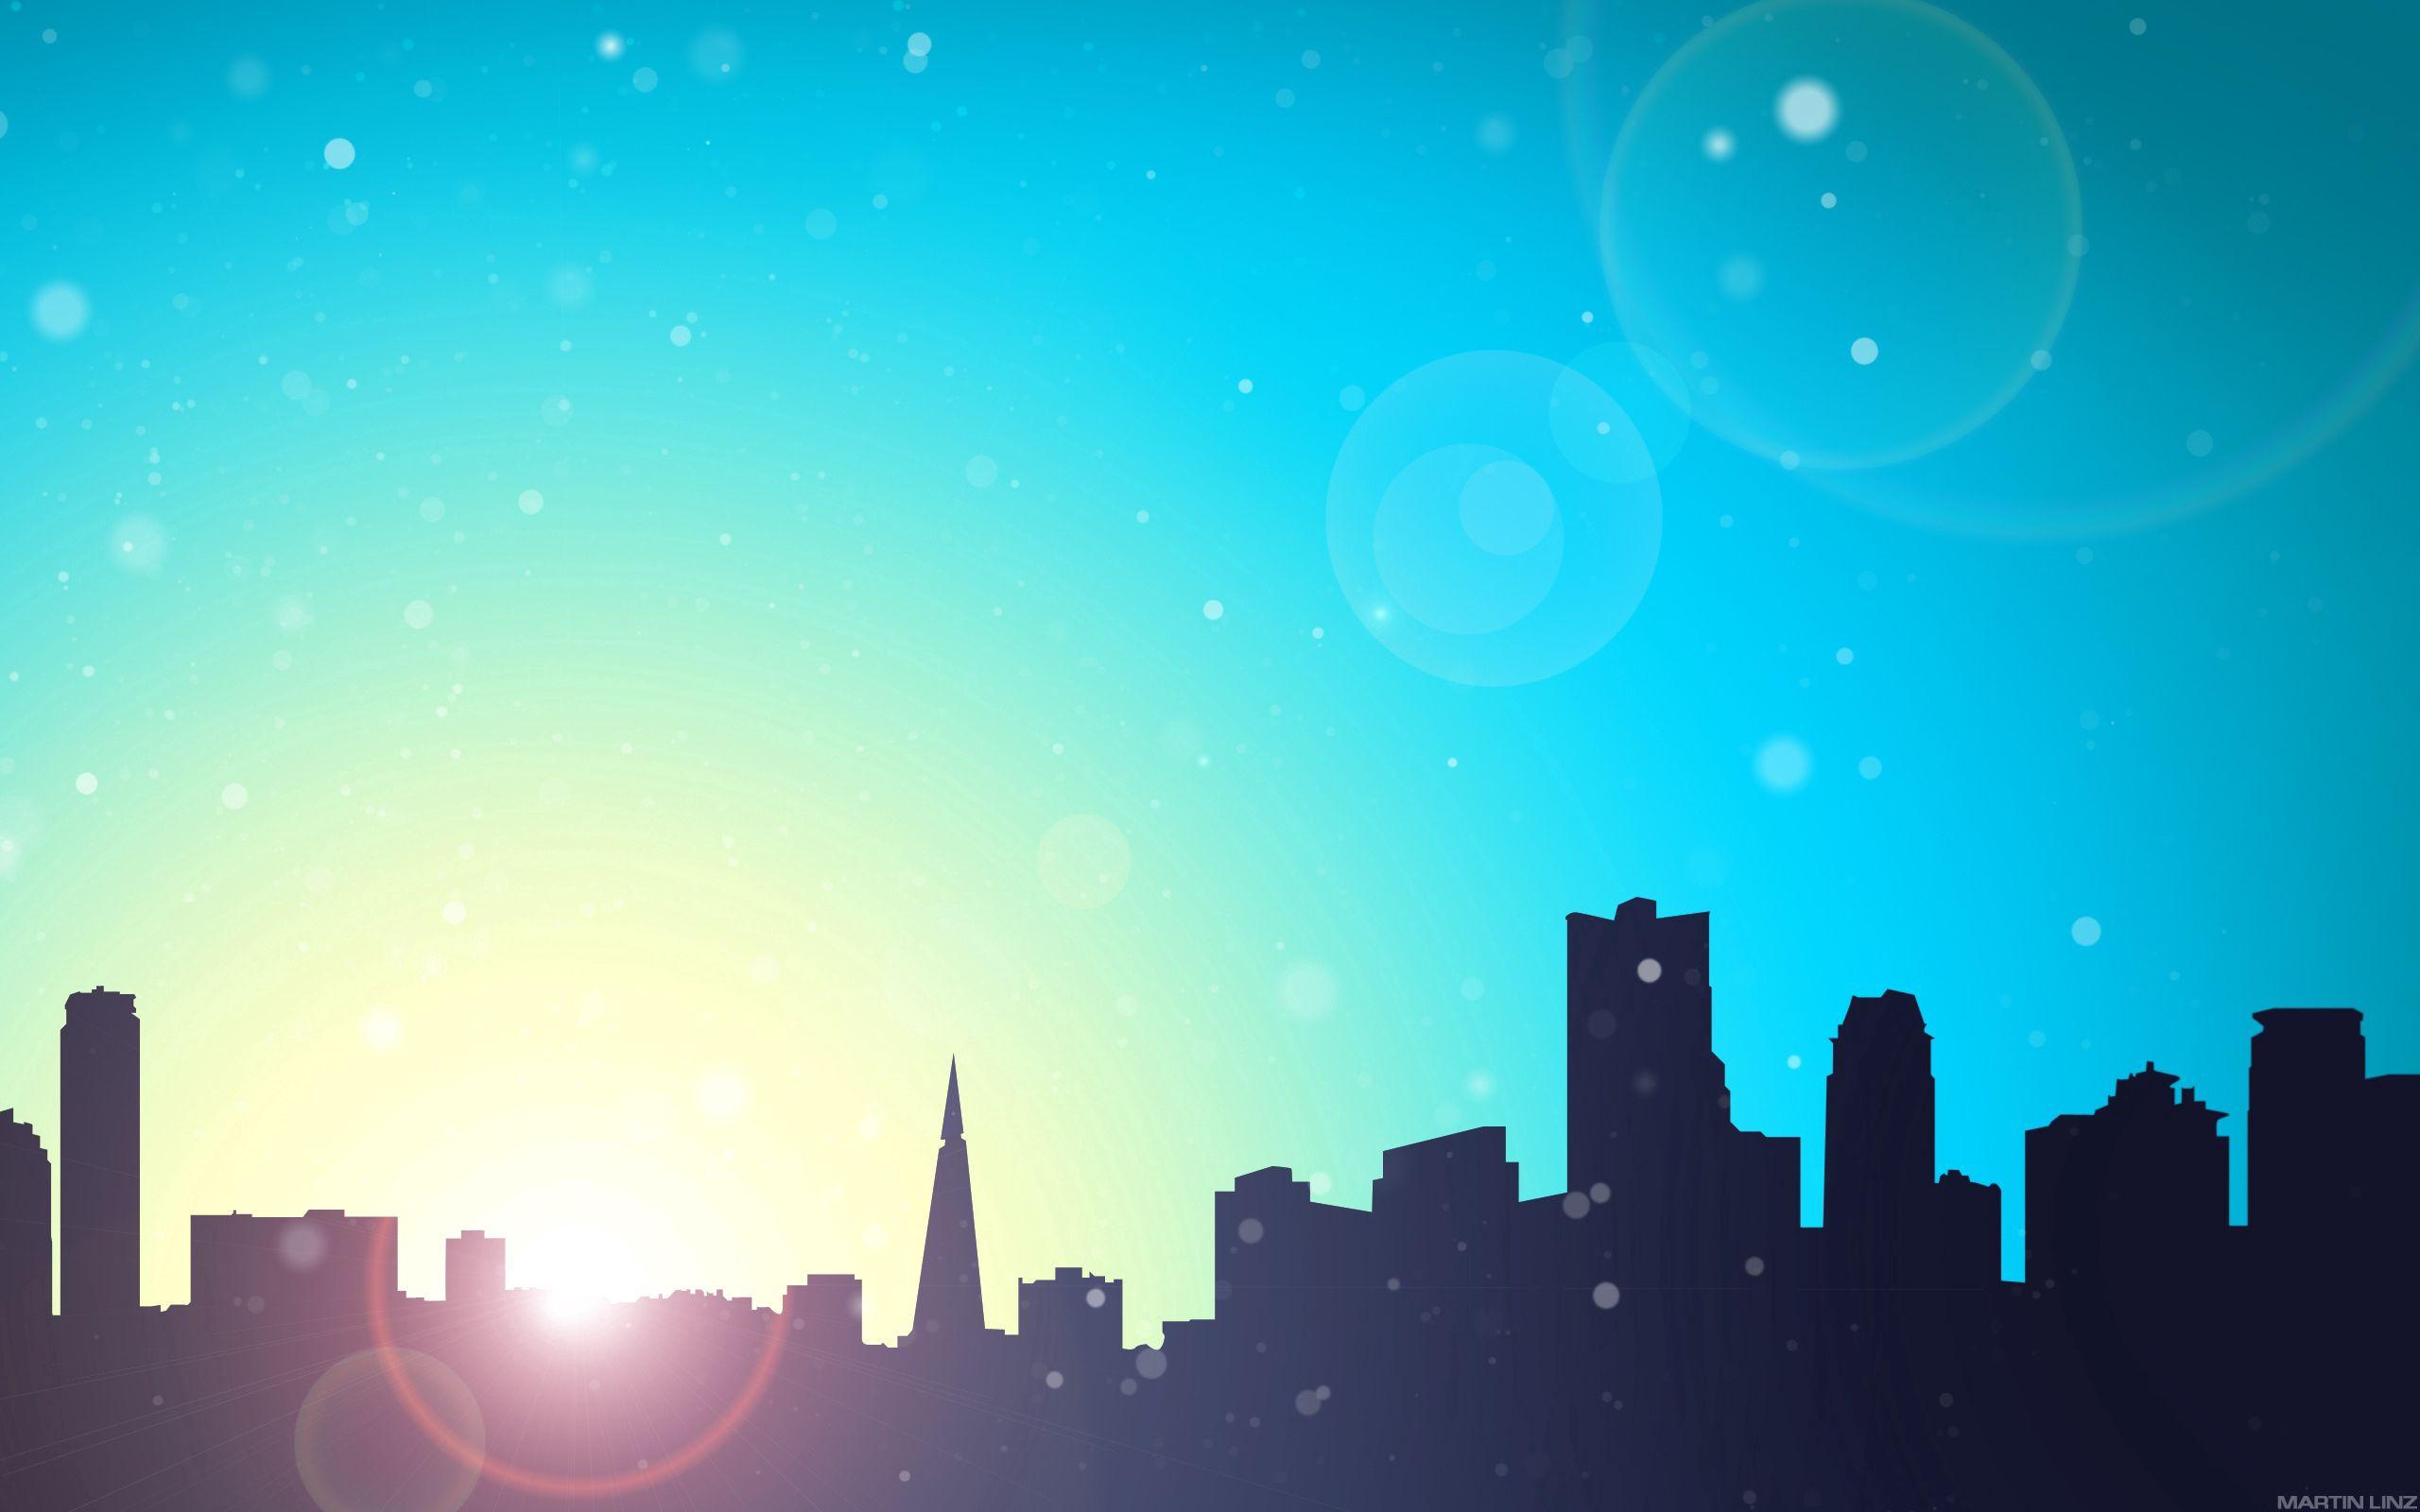 79860壁紙のダウンロード抽象, 市, 都市, 輝く, 光, 明るい, 背景, ペイント, ペンキ-スクリーンセーバーと写真を無料で